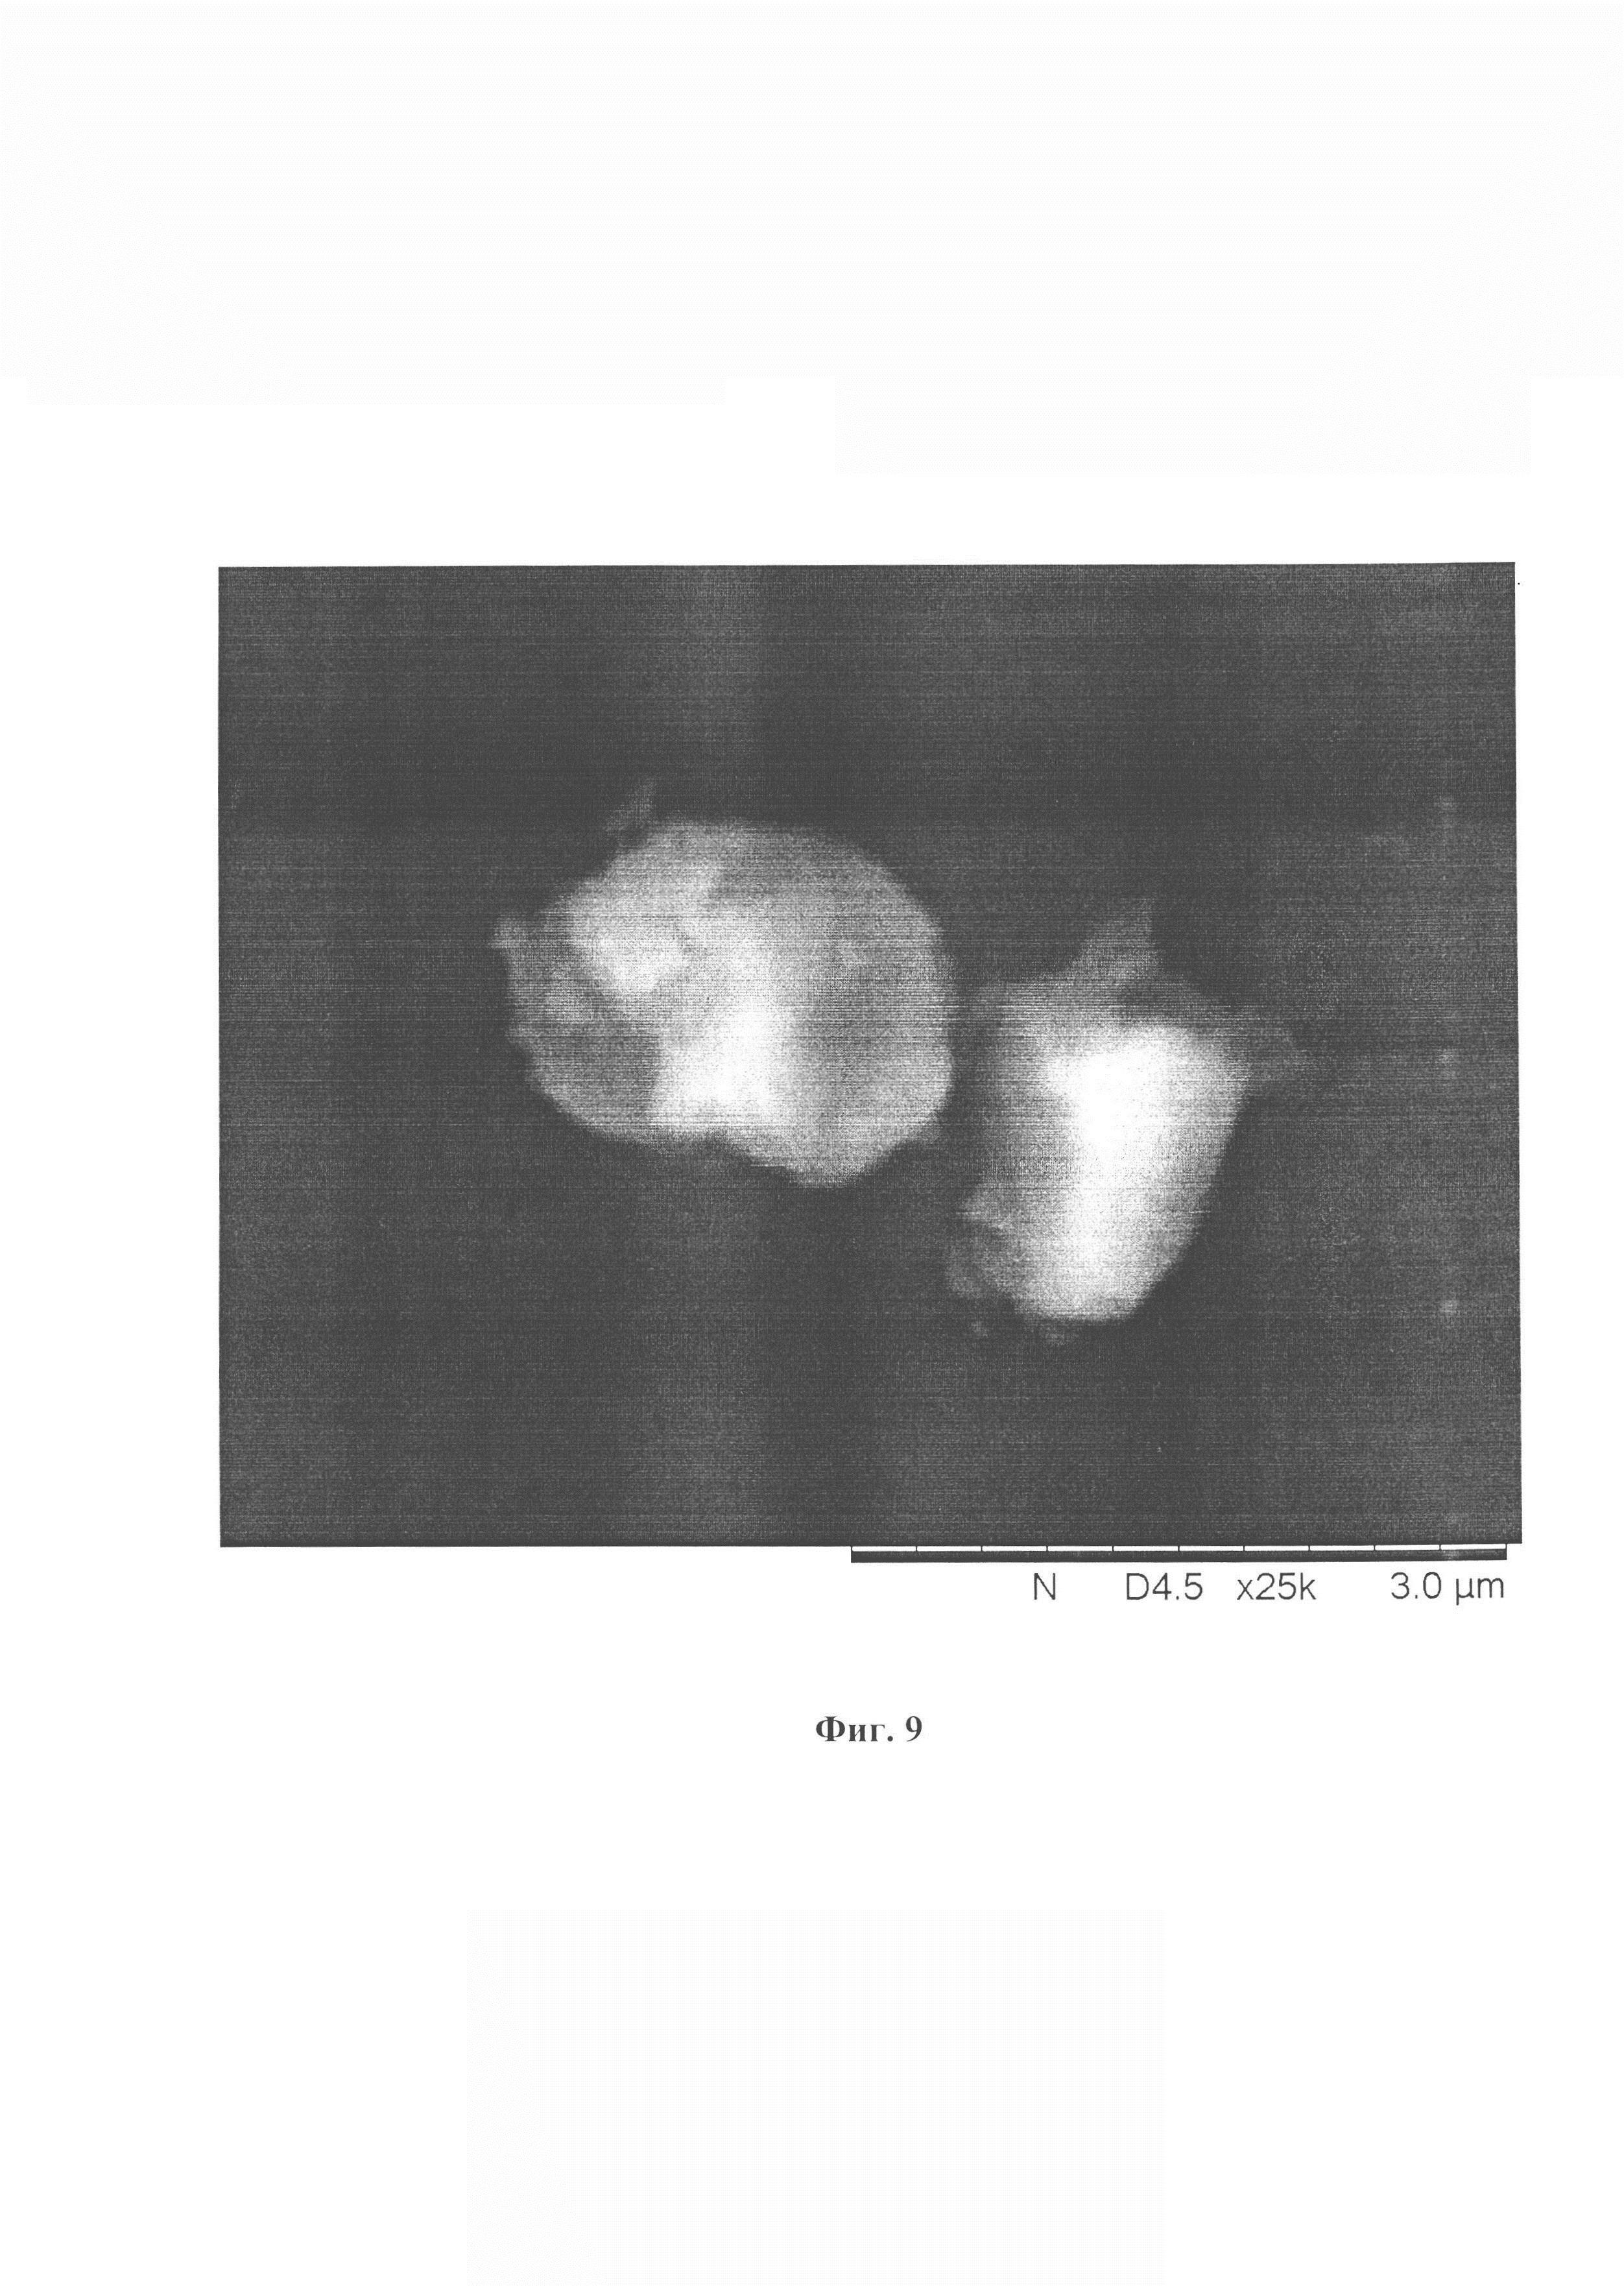 Нанокомпозитный магнитный материал на основе полидифениламина и наночастиц Co-Fe и способ его получения